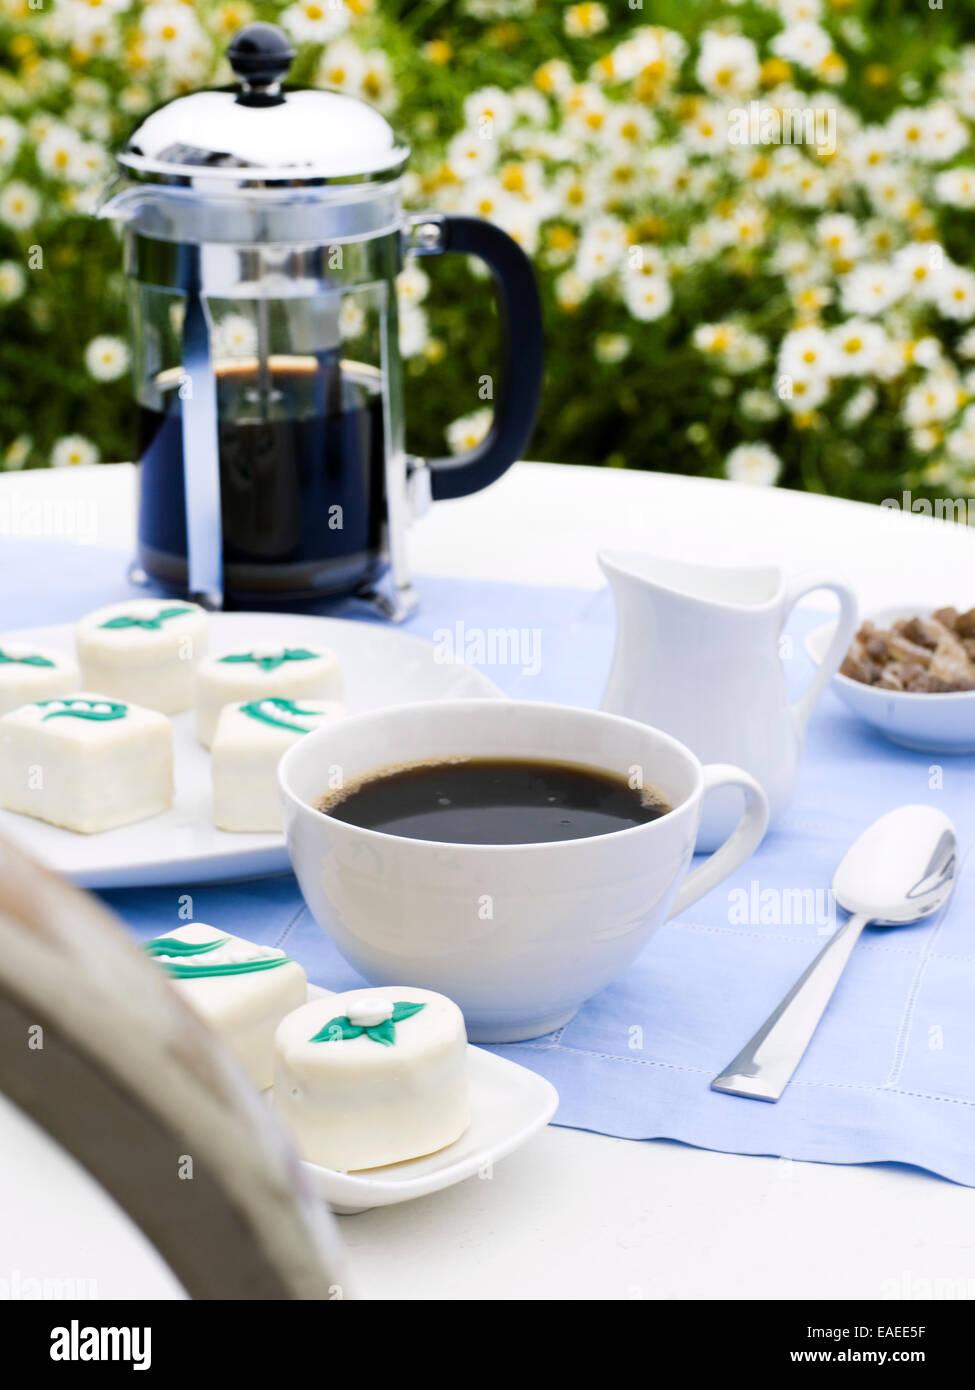 Au service de café et de sucreries, côté jardin Photo Stock